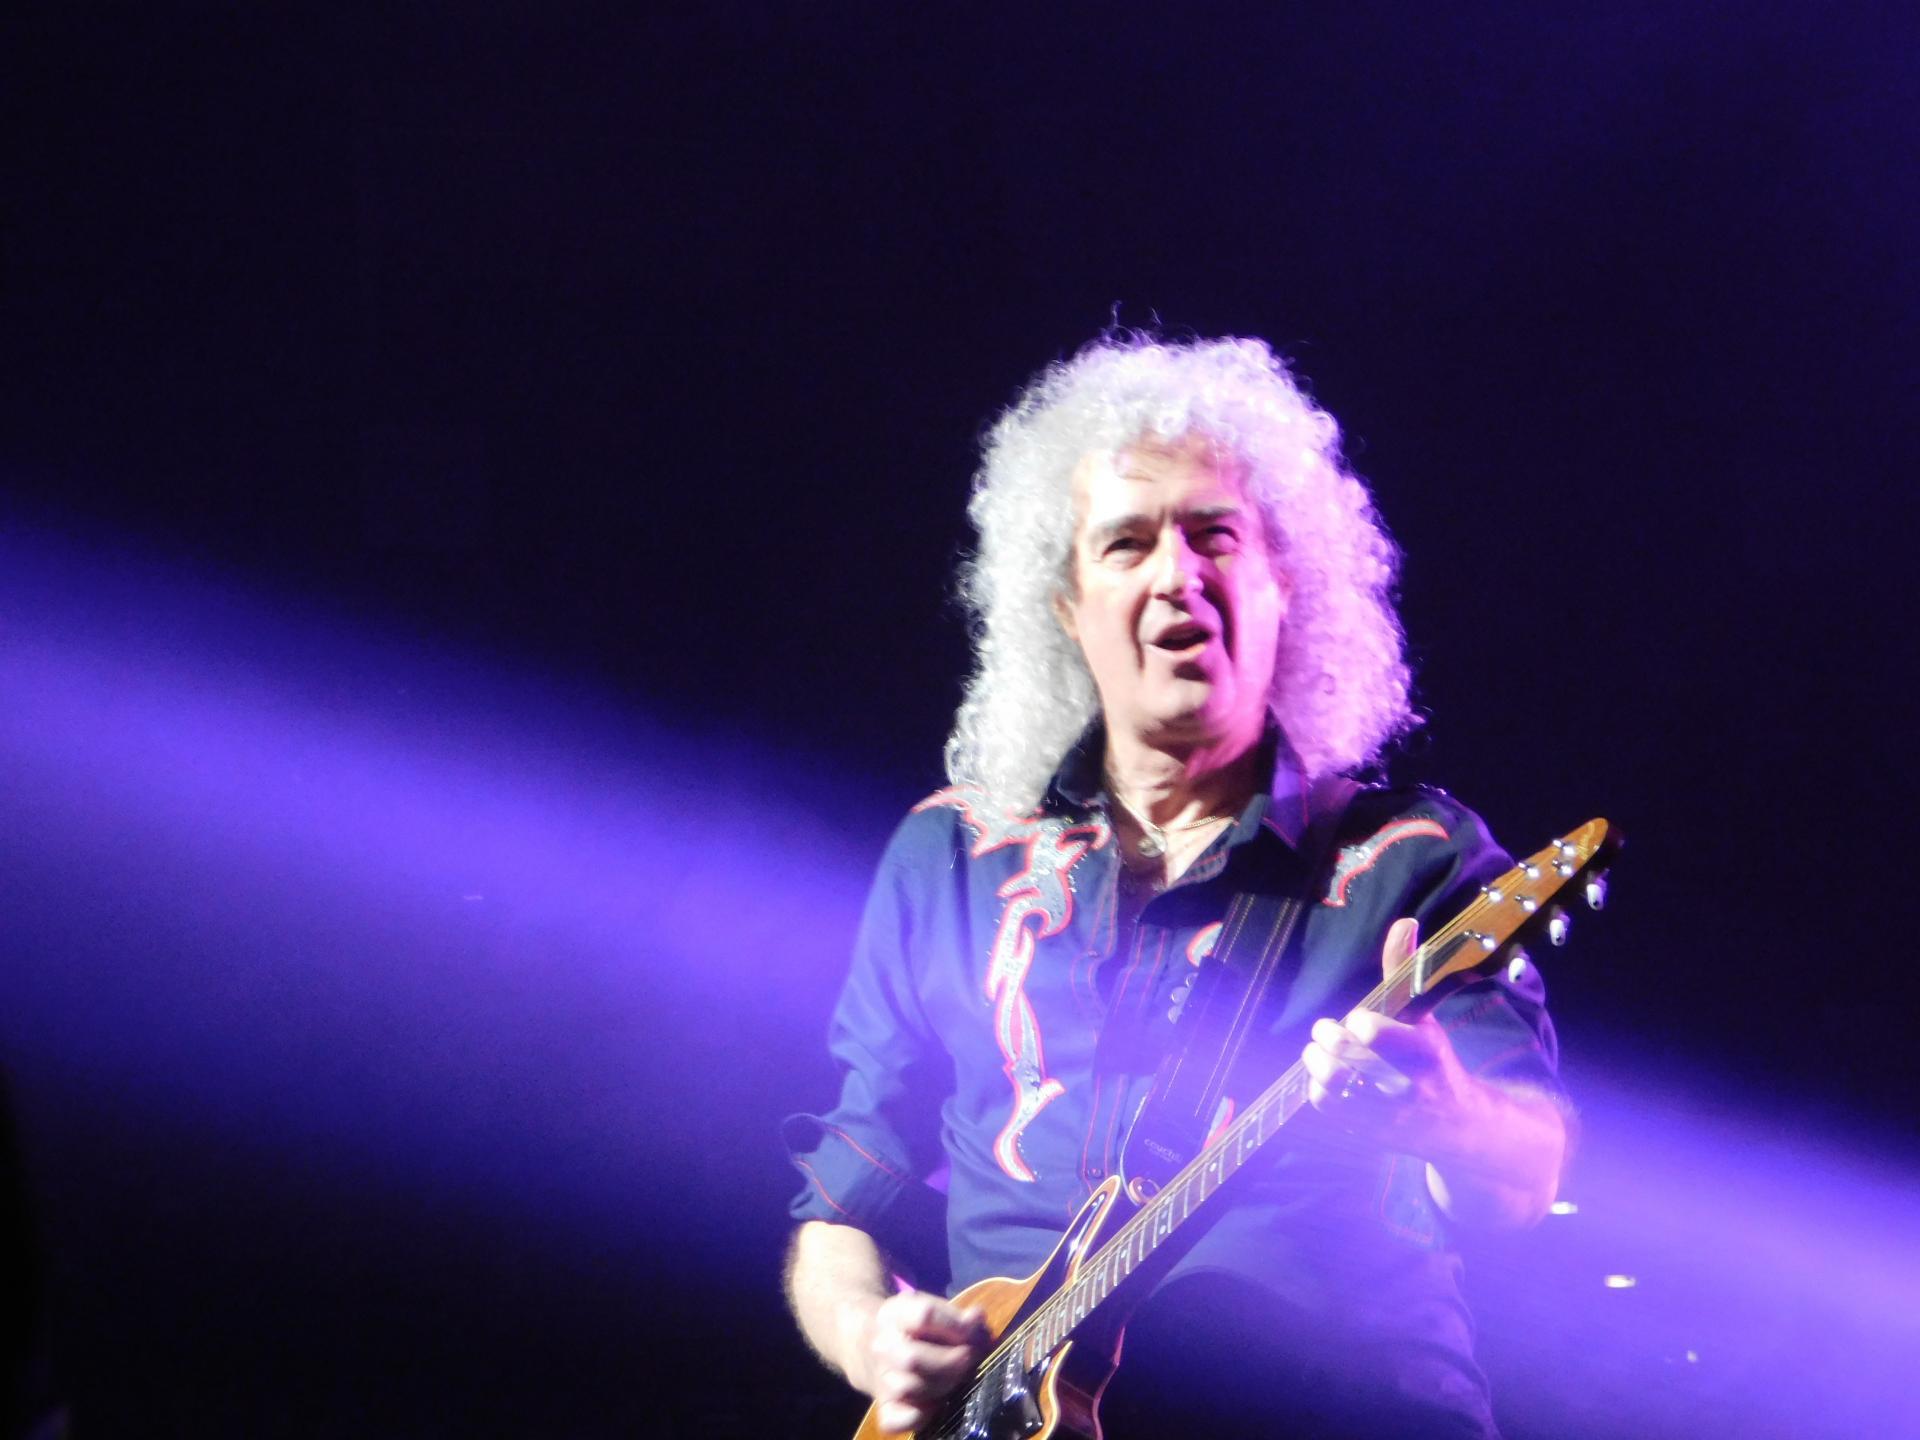 Названо имя величайшего рок-гитариста – кого фанаты посчитали лучшим излучших?